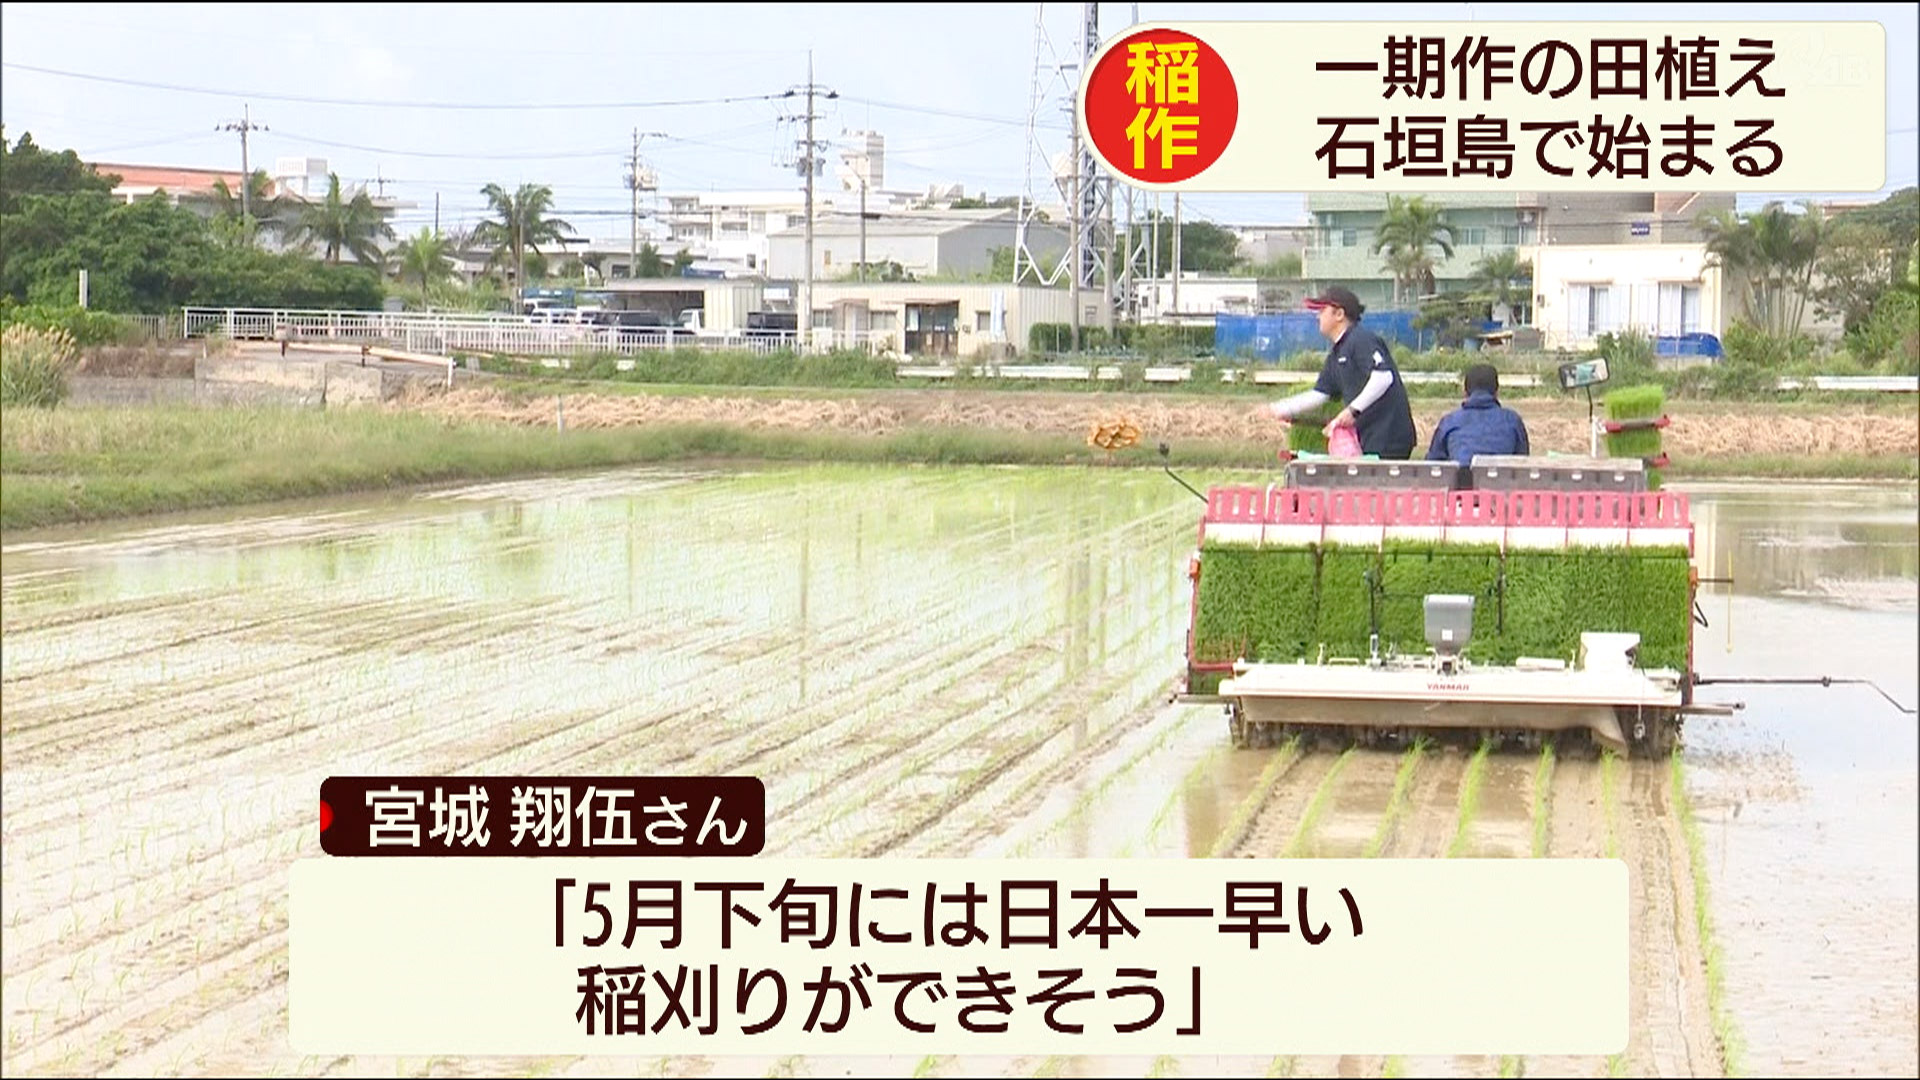 石垣市で一期米の田植え始まる